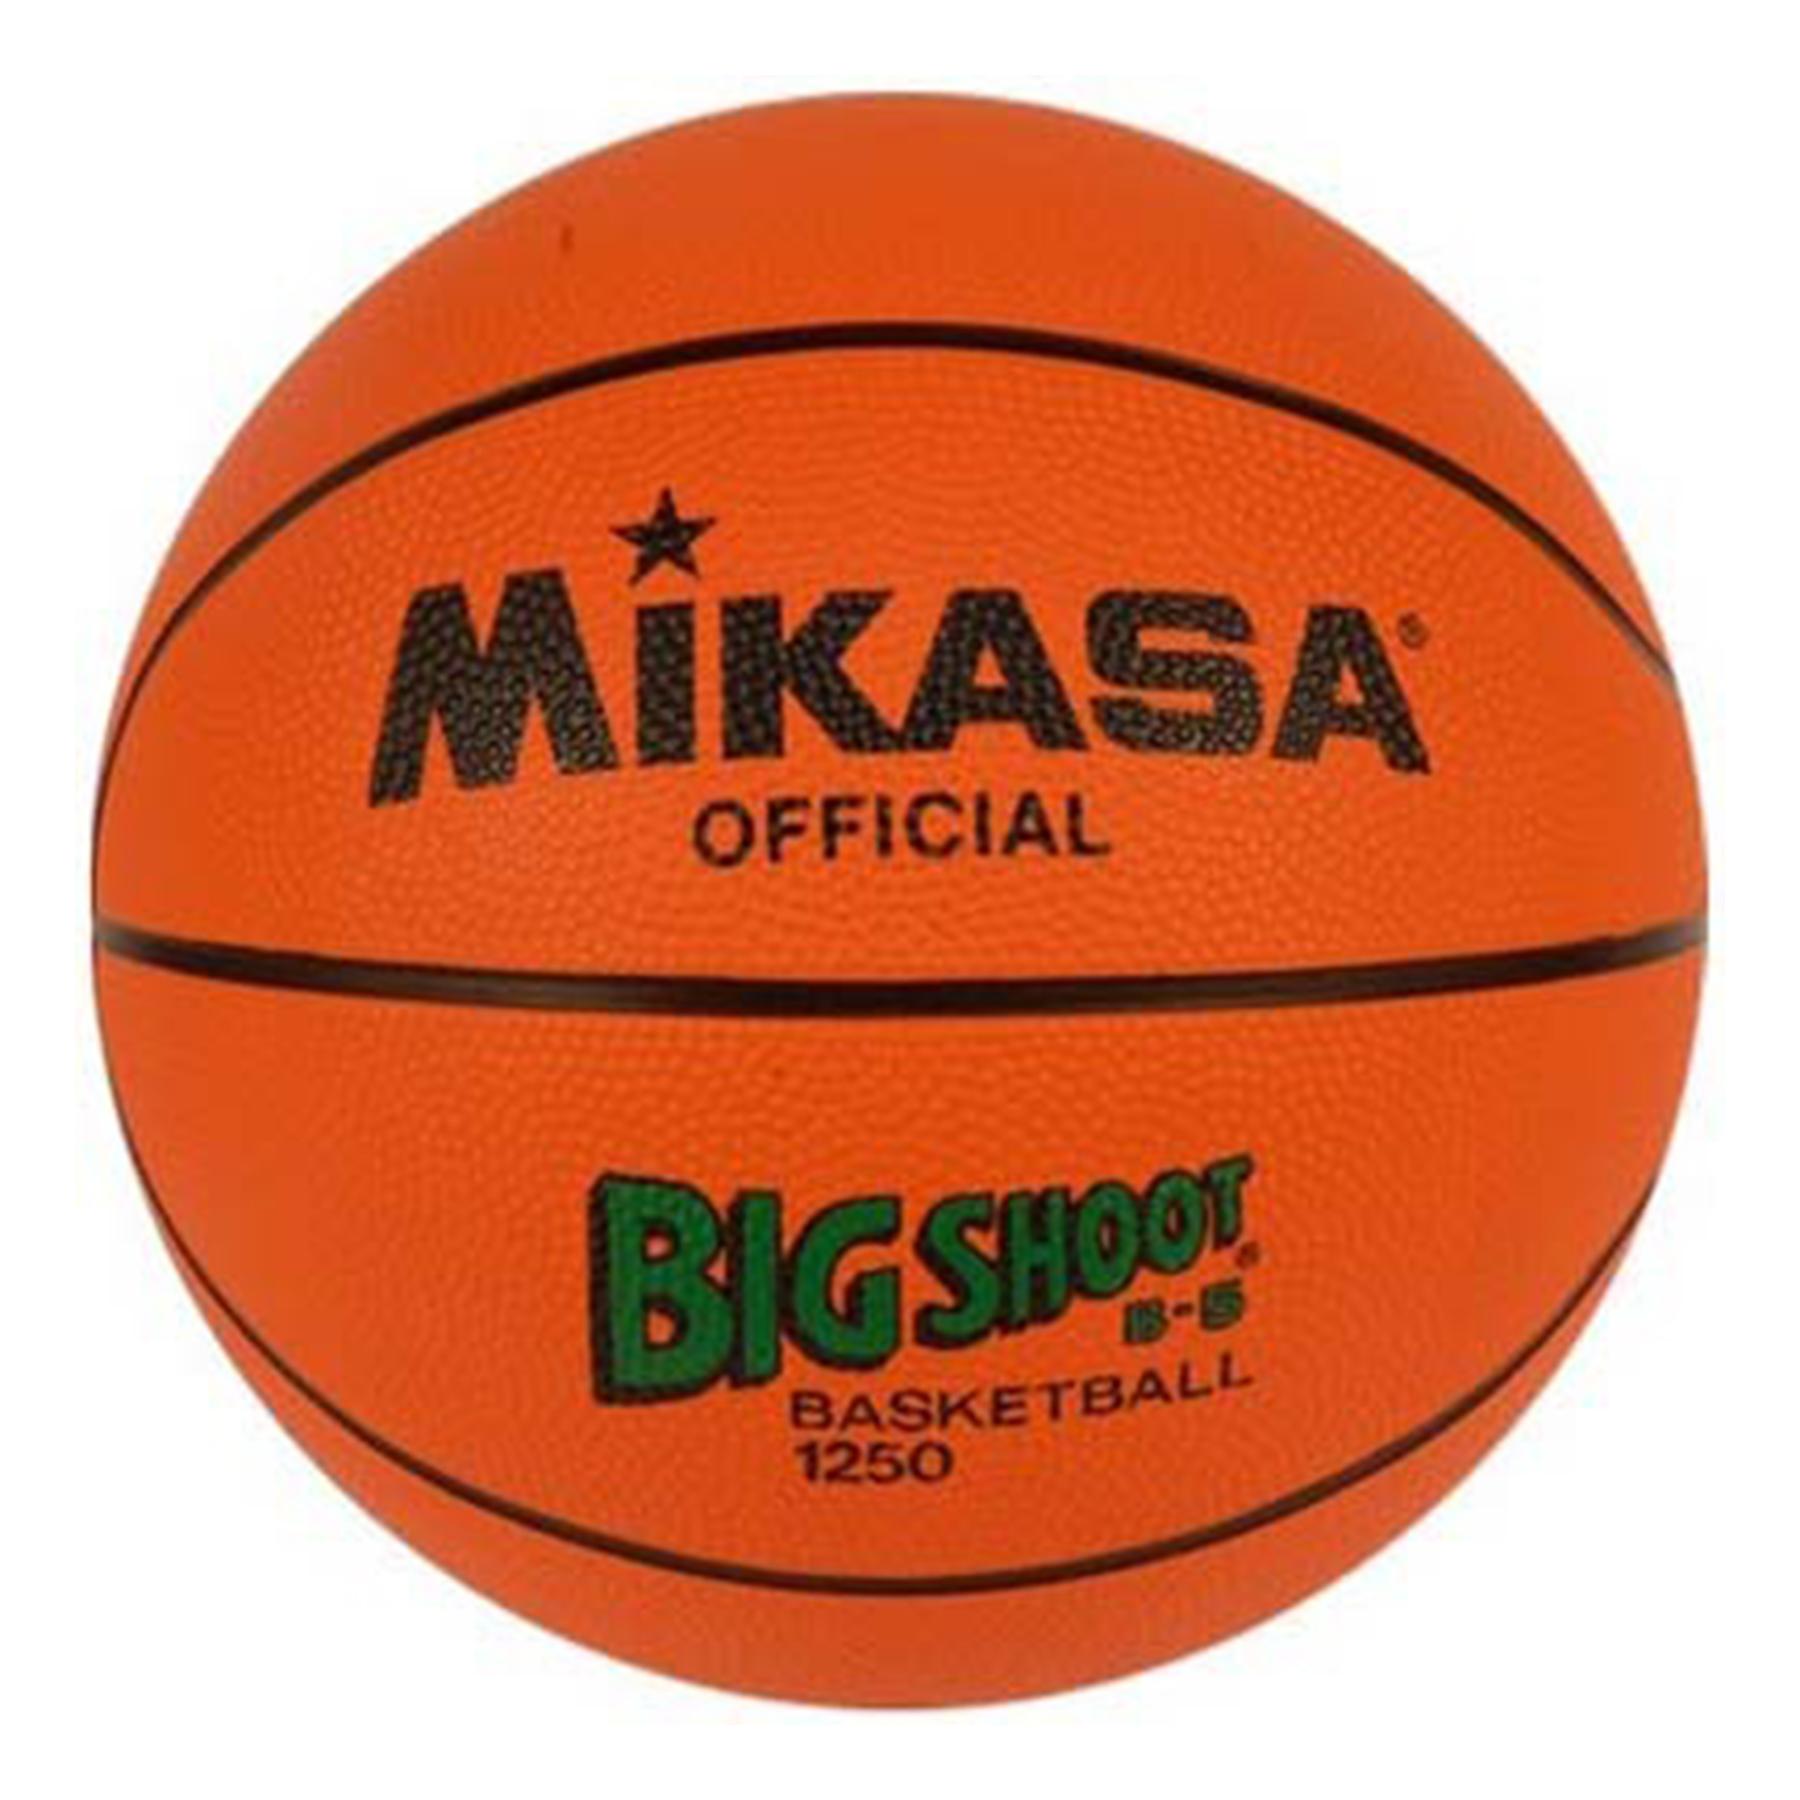 Мяч б/б Микаса 1250 резиновый № 5 игровой и трениров мяч для школ,утвержден FIBA